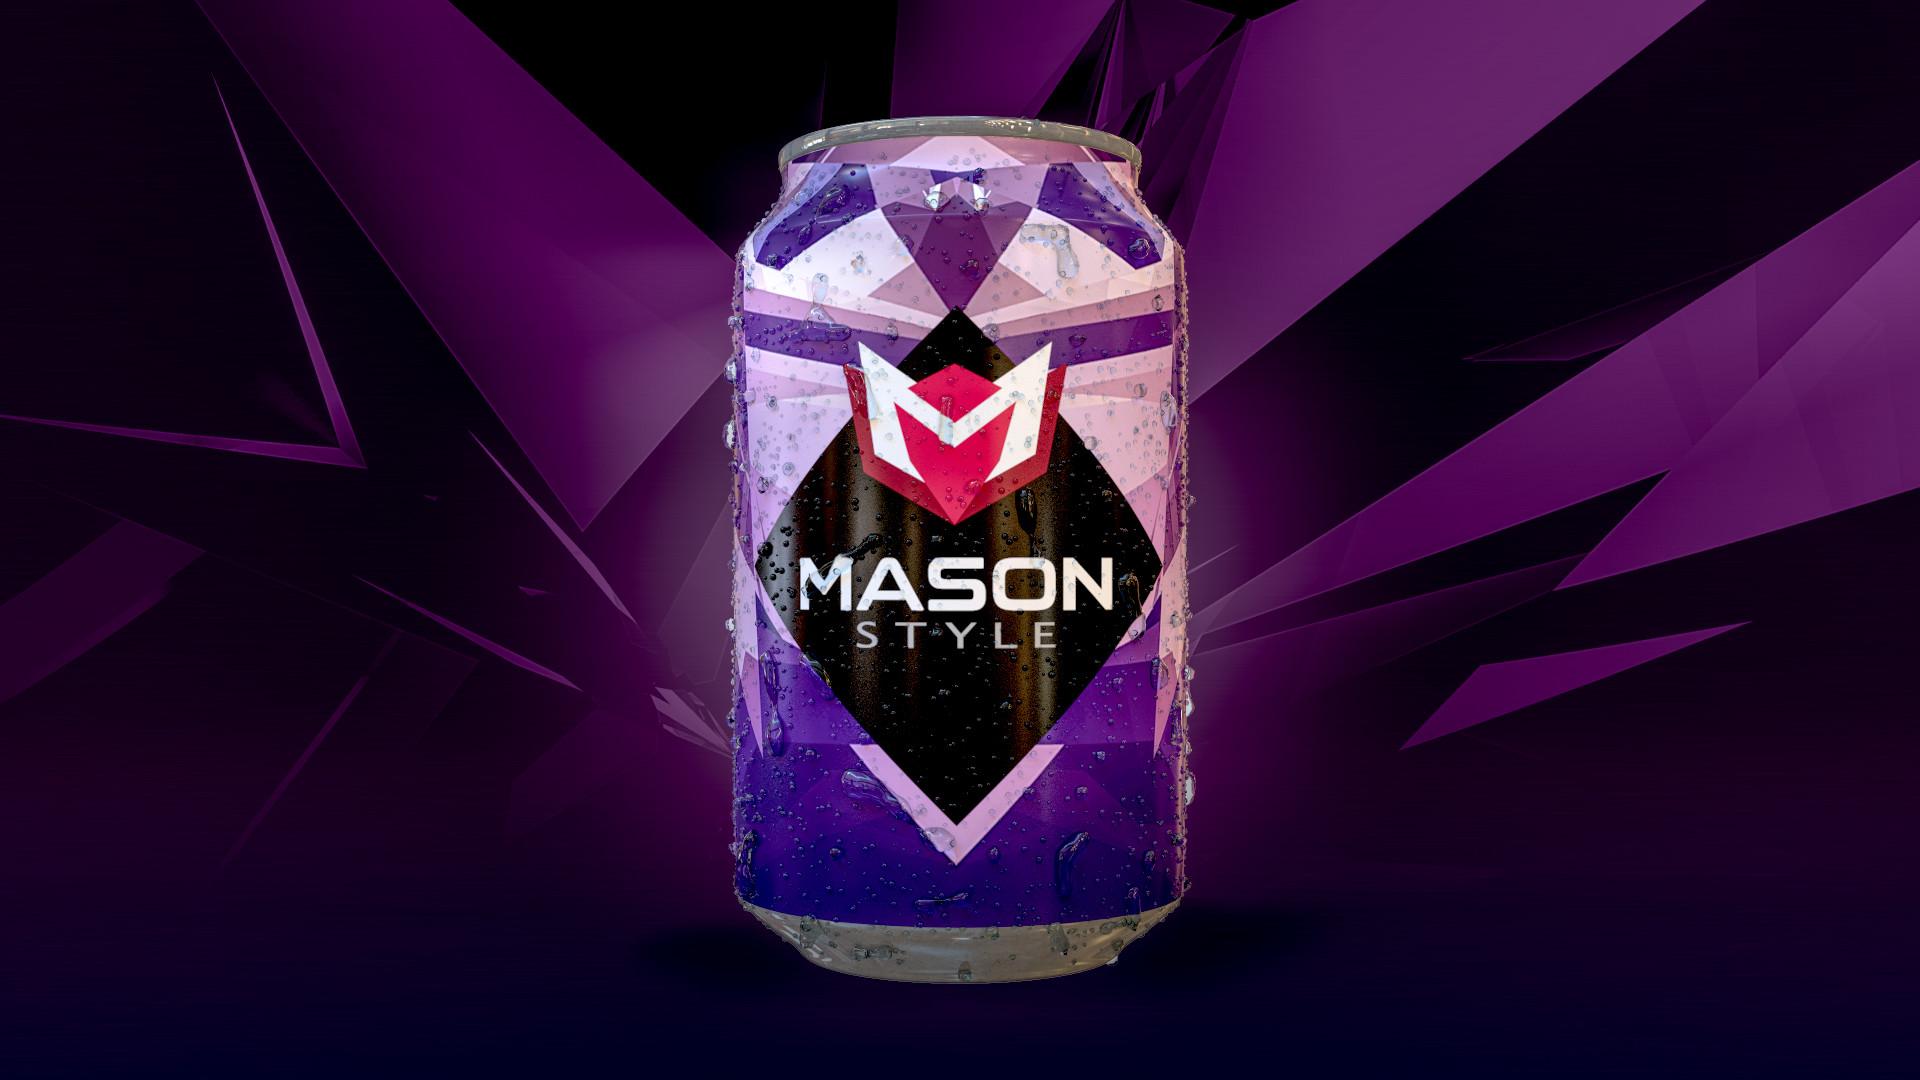 Mason style masonstyle soda2 final